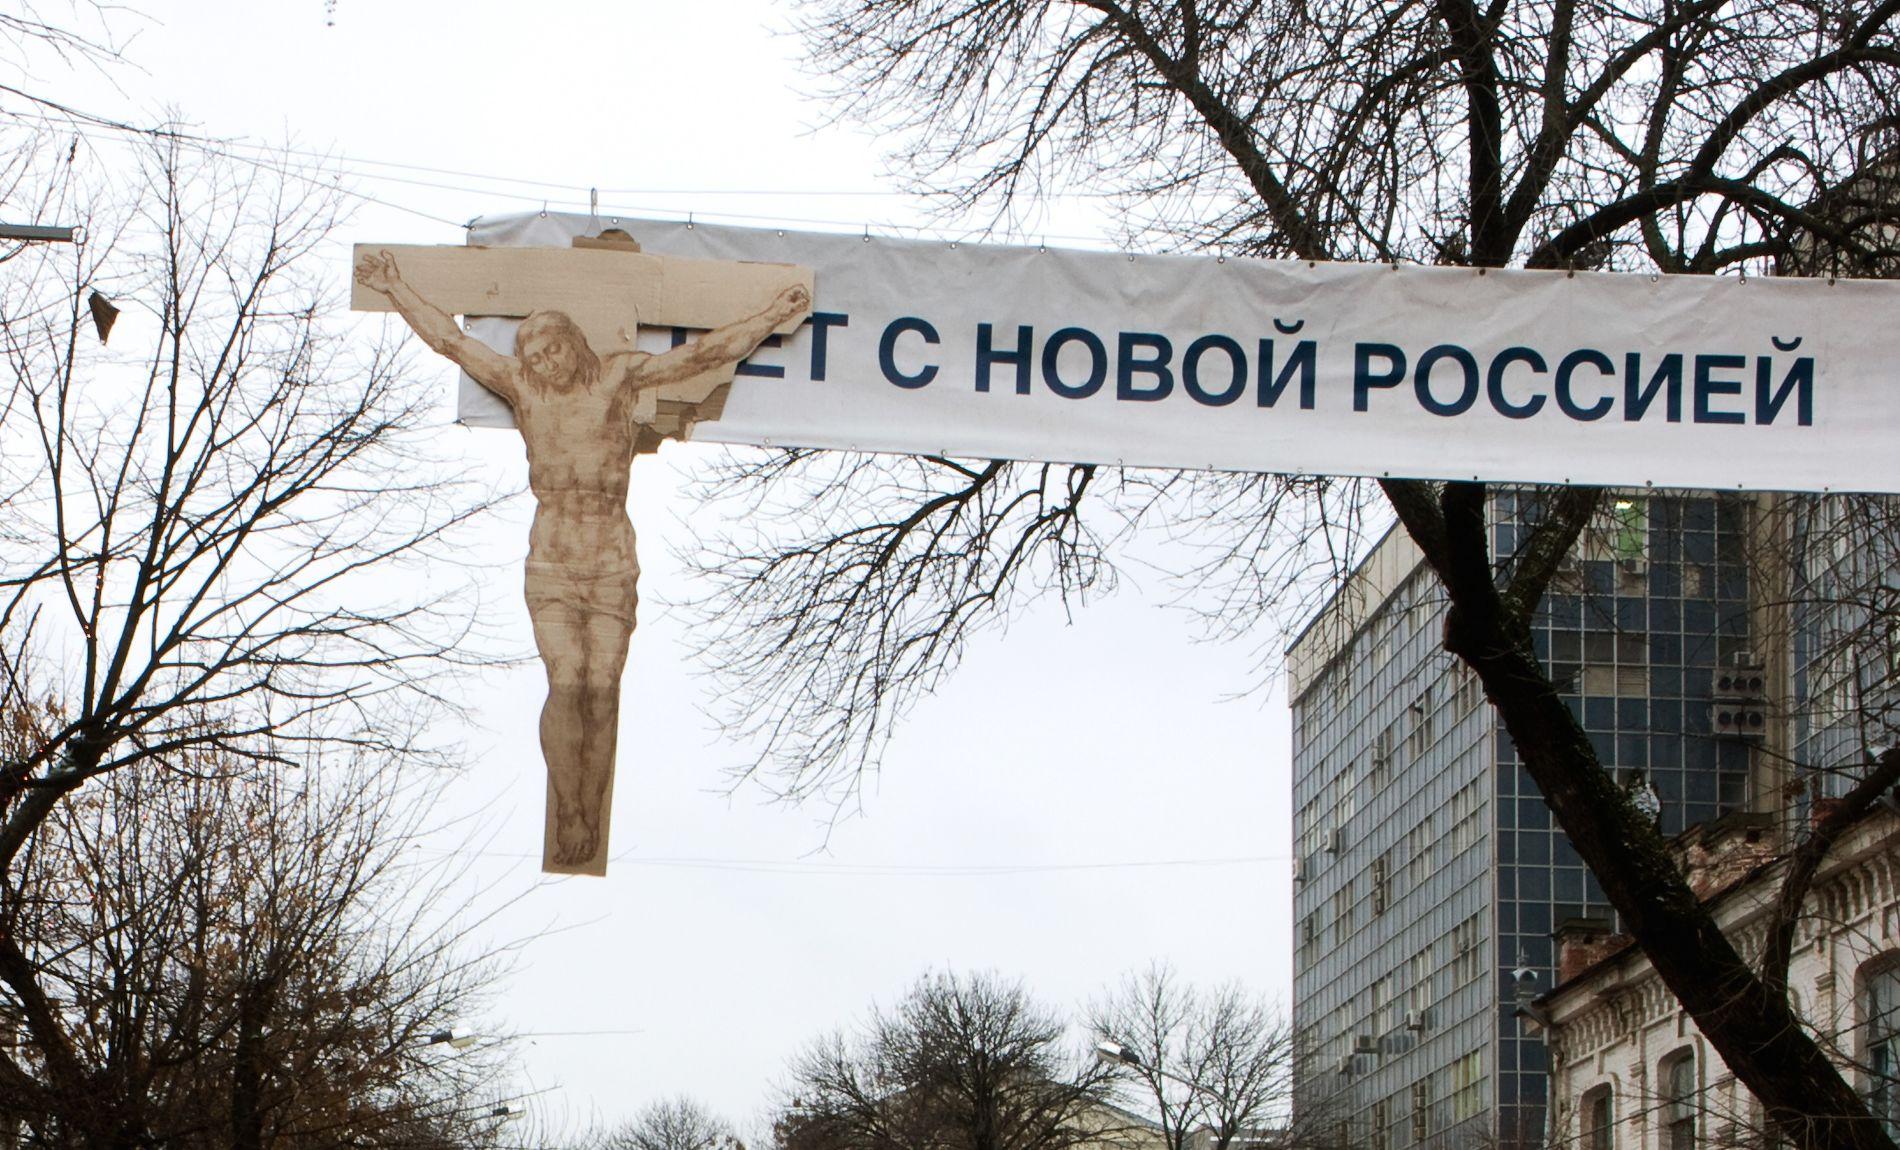 «Снятие с креста» Владимира Колесникова ©Фото Владимира Колесникова